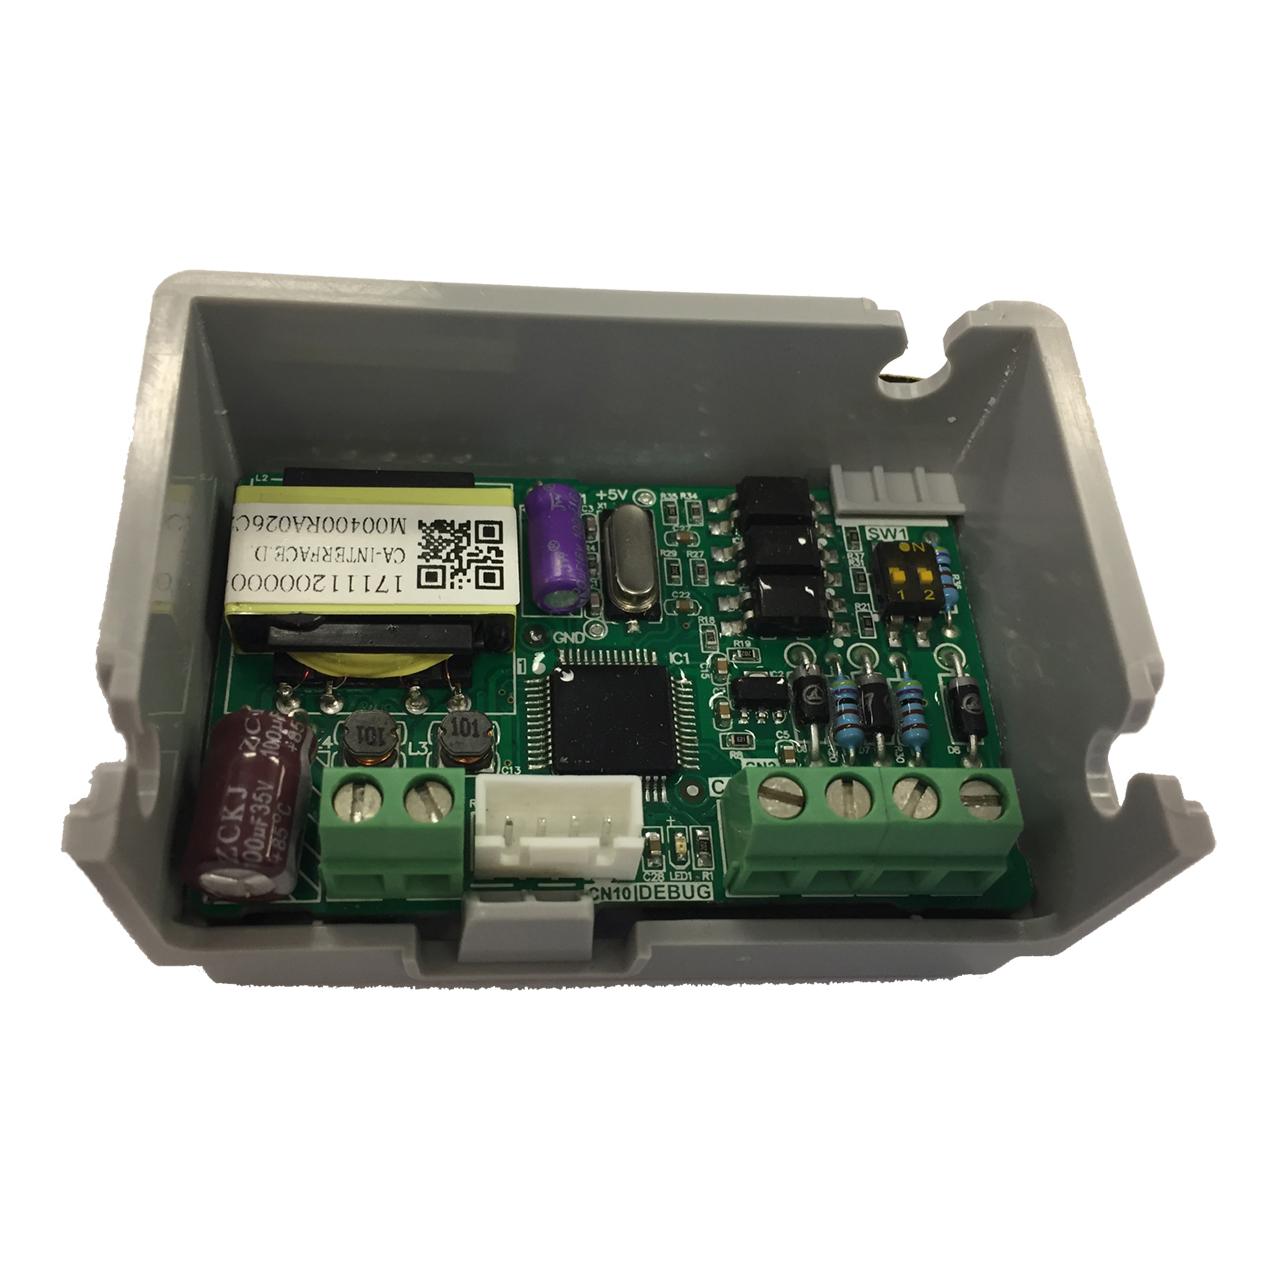 carrier-40vm908-vrf-24v-interface